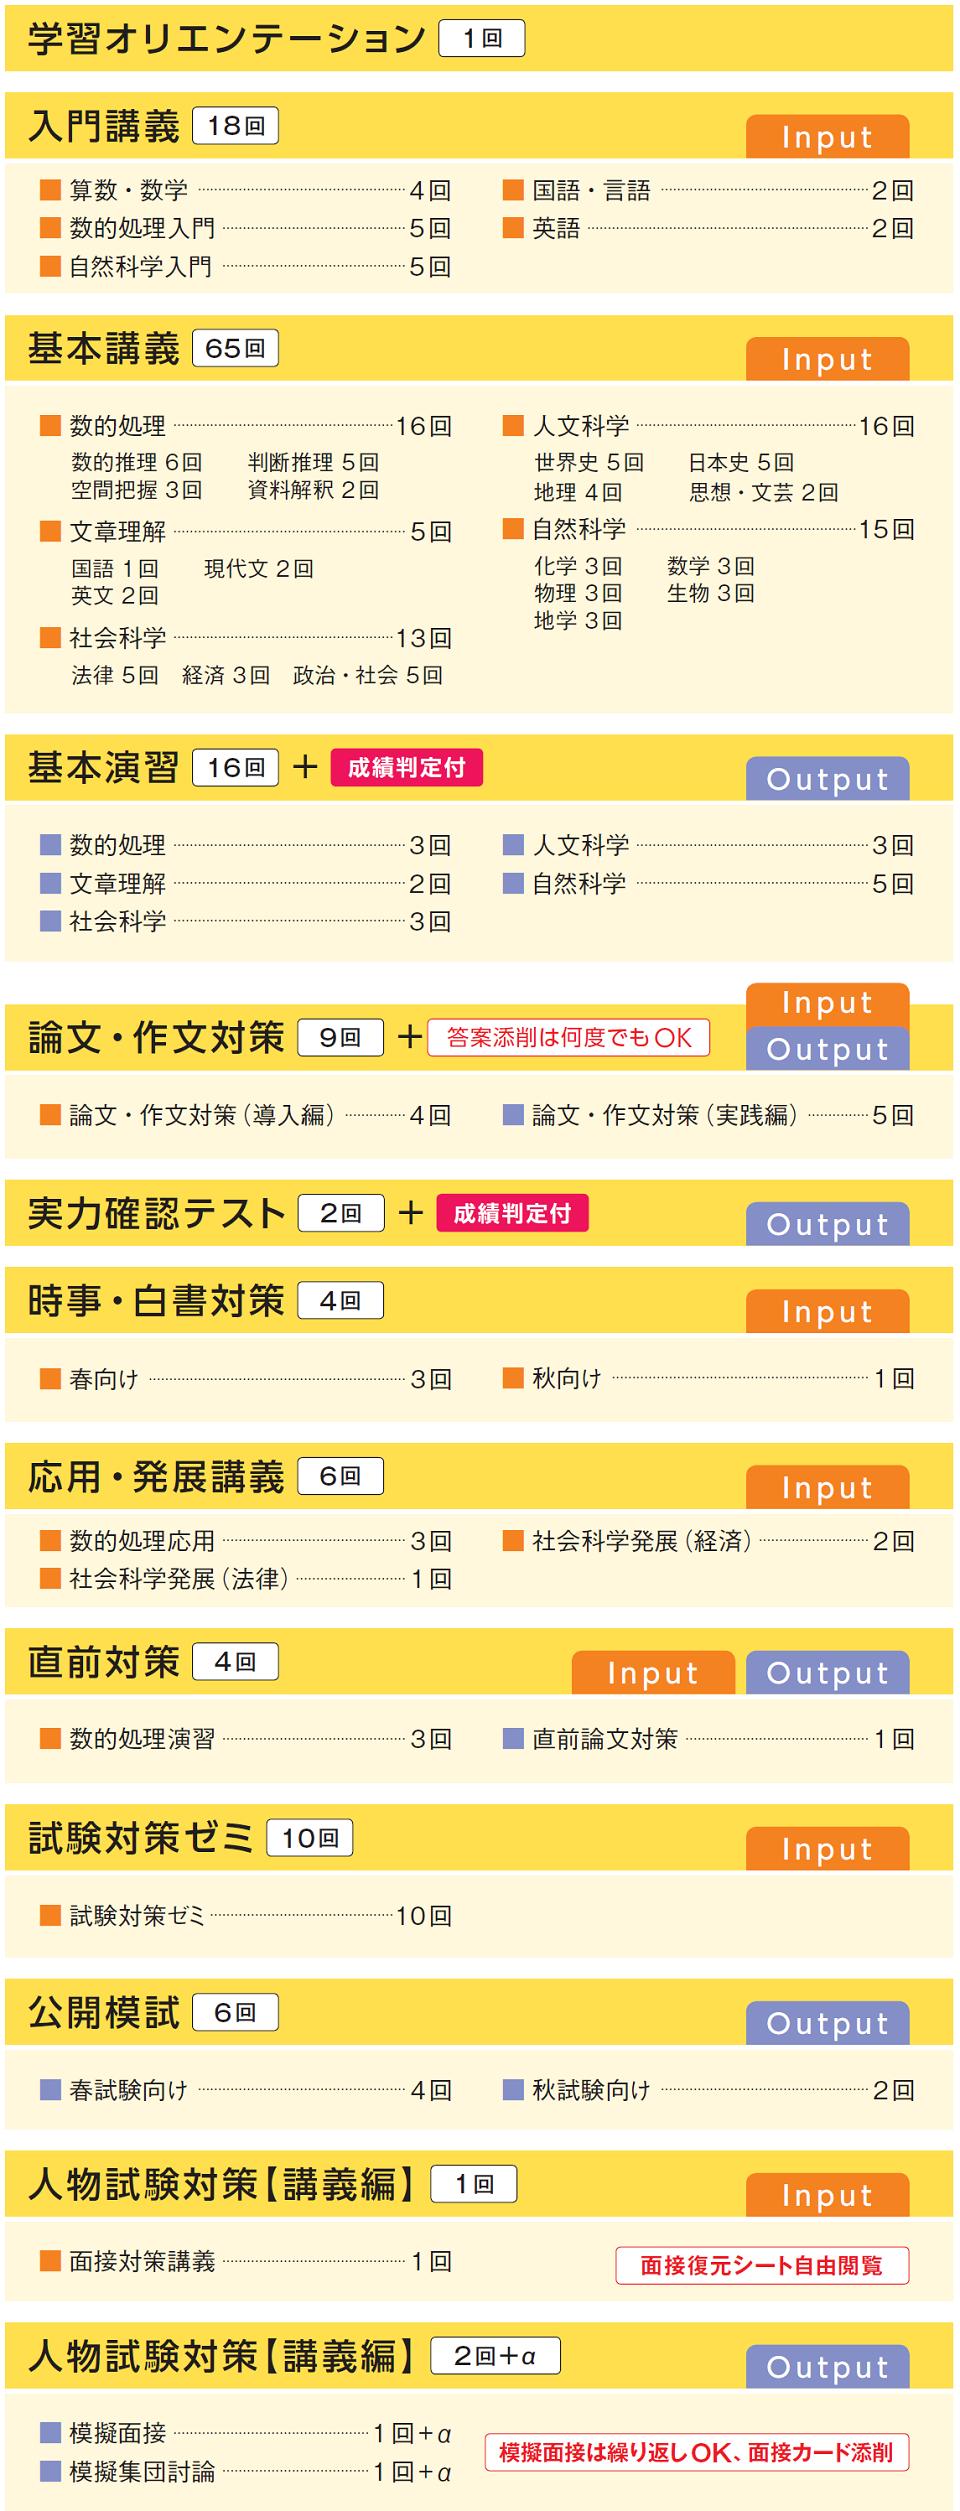 警察官・消防官本科生カリキュラム